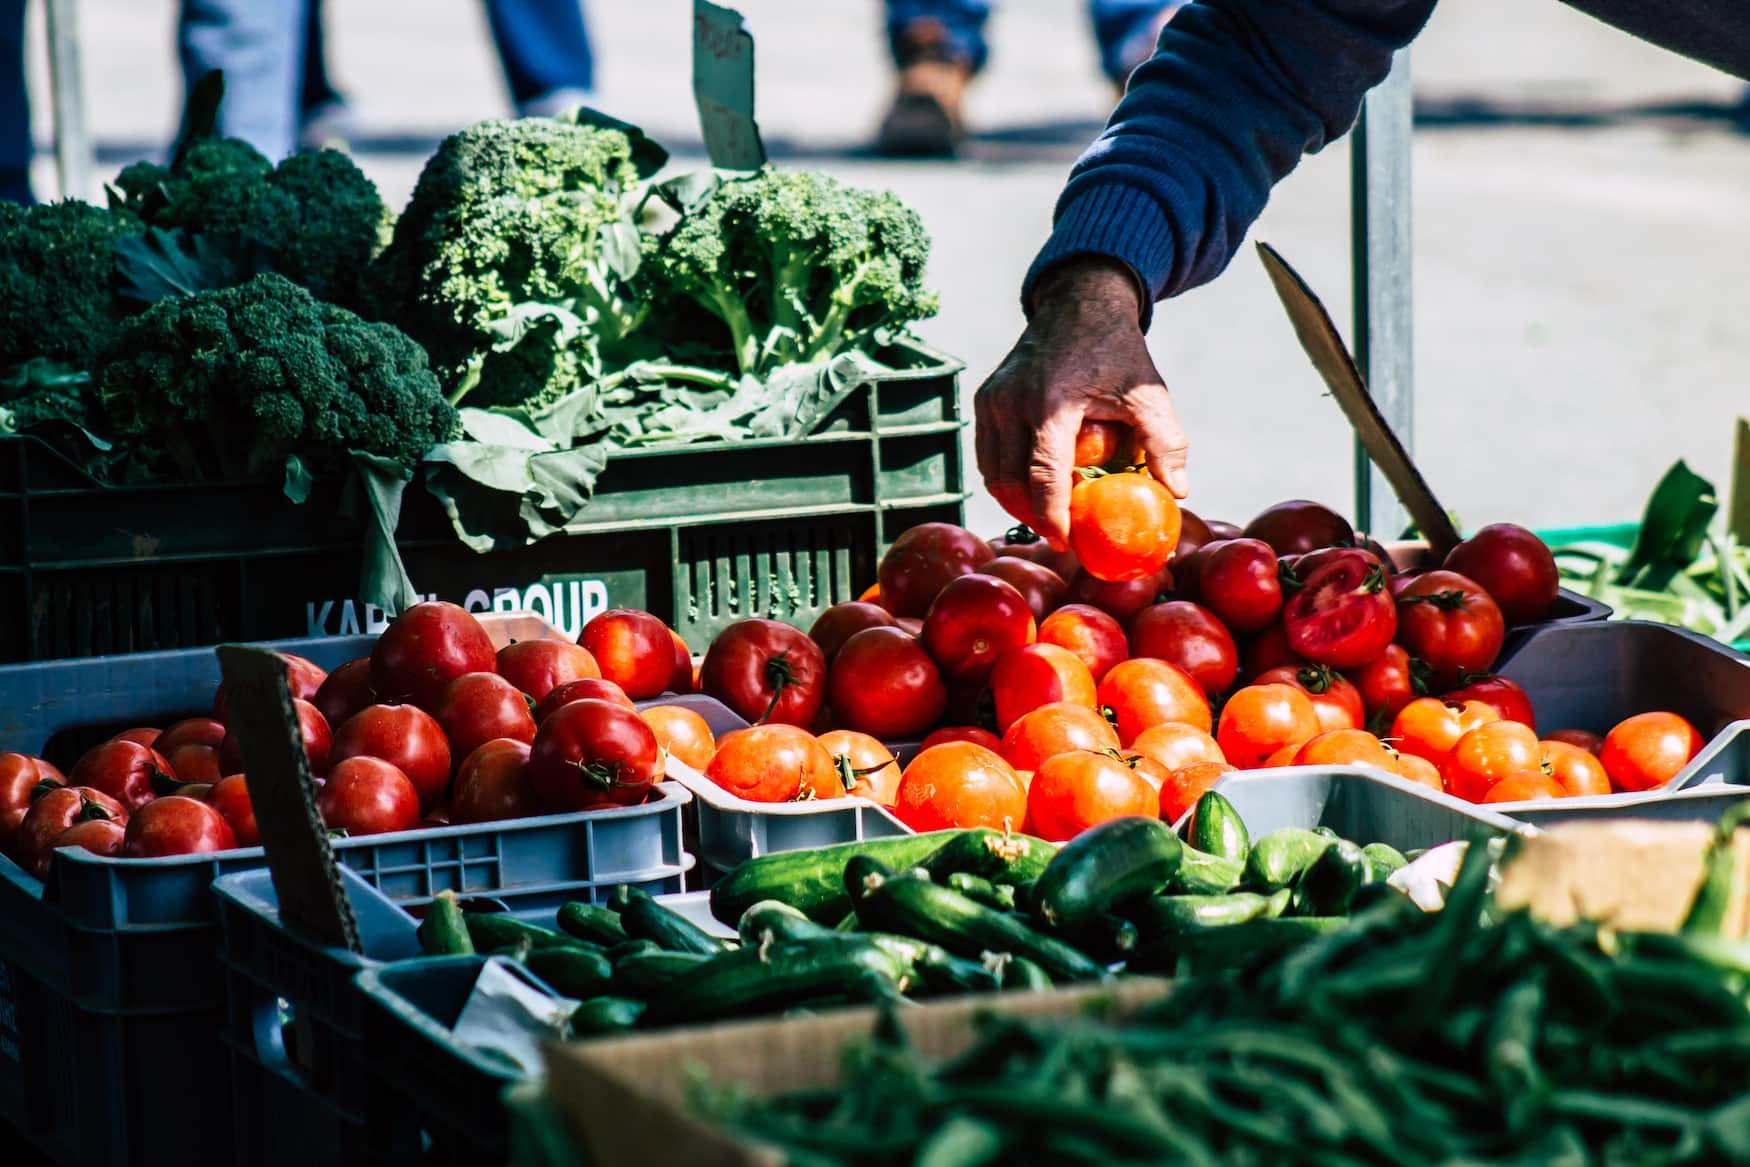 Mann schneidet Tomaten auf einem Markt in Zypern